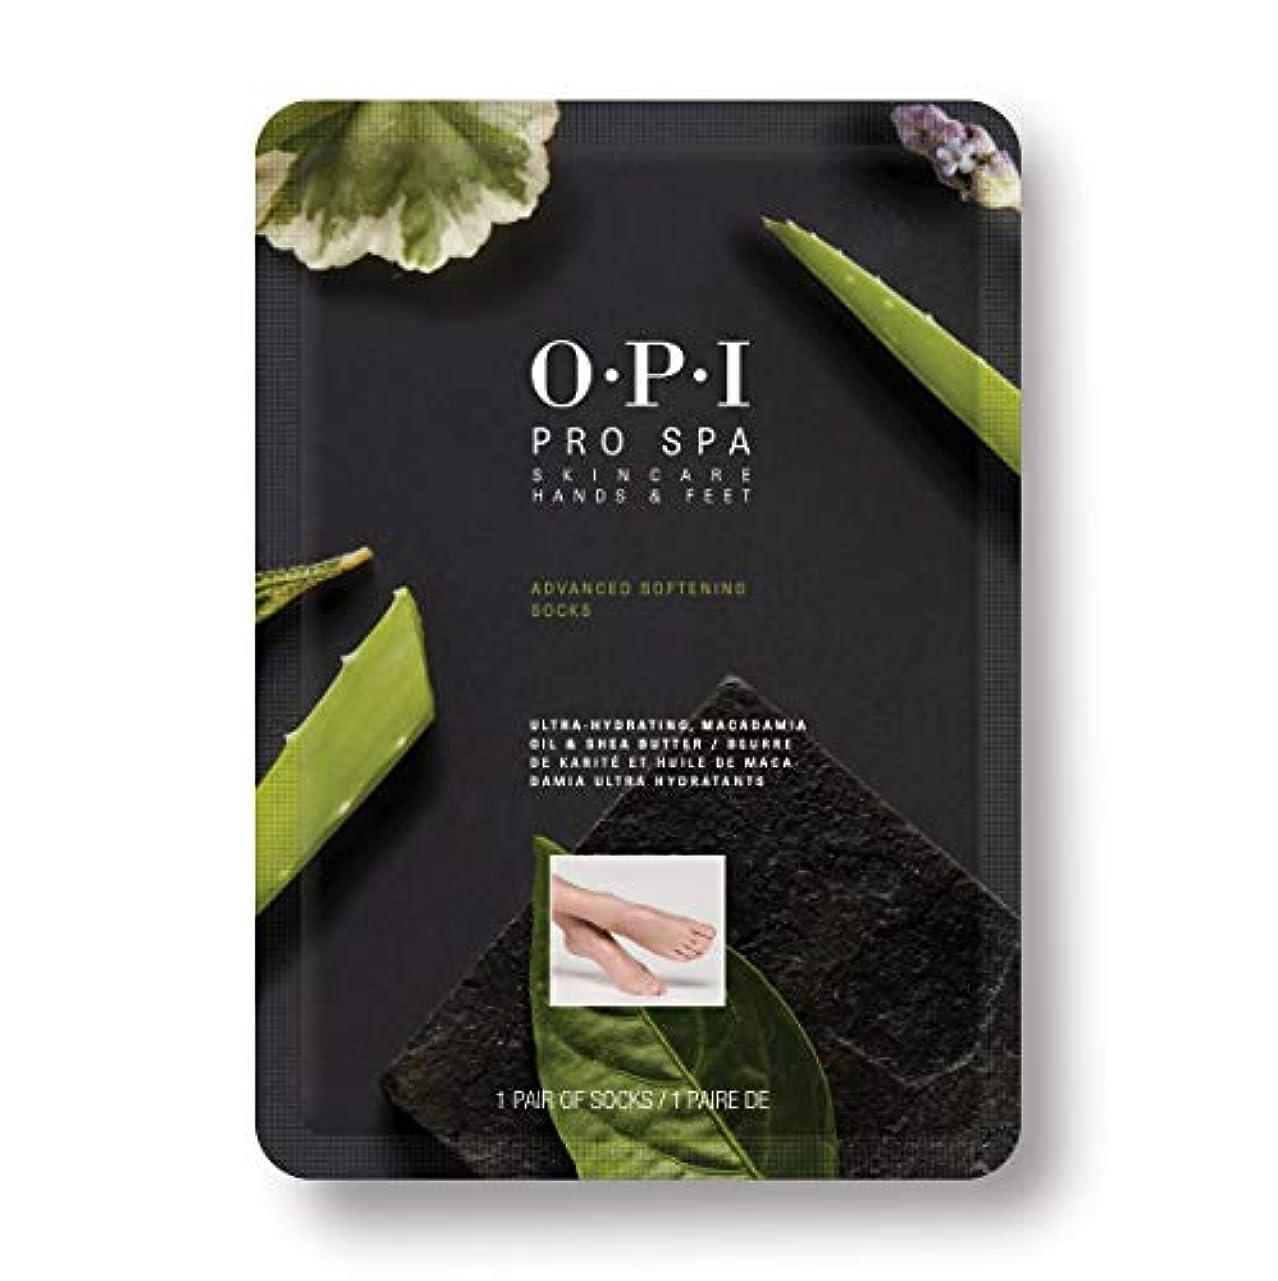 リマーク山動物園OPI(オーピーアイ) プロスパ アドバンス ソフニング ソックス 美容液 30ml/1パック2枚入